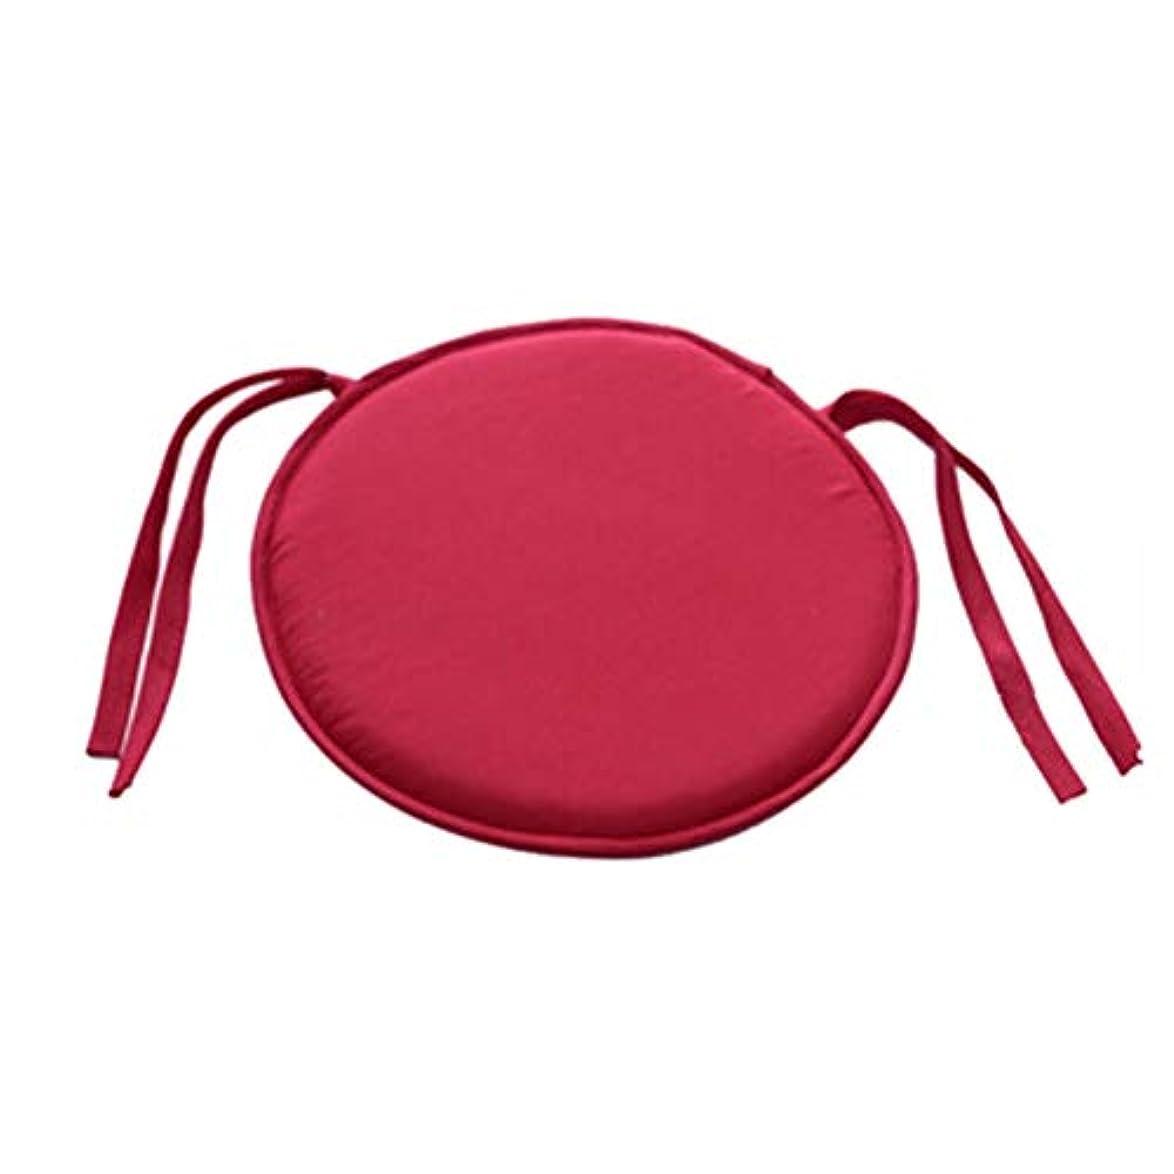 勇気マイル幸運SMART ホット販売ラウンドチェアクッション屋内ポップパティオオフィスチェアシートパッドネクタイスクエアガーデンキッチンダイニングクッション クッション 椅子